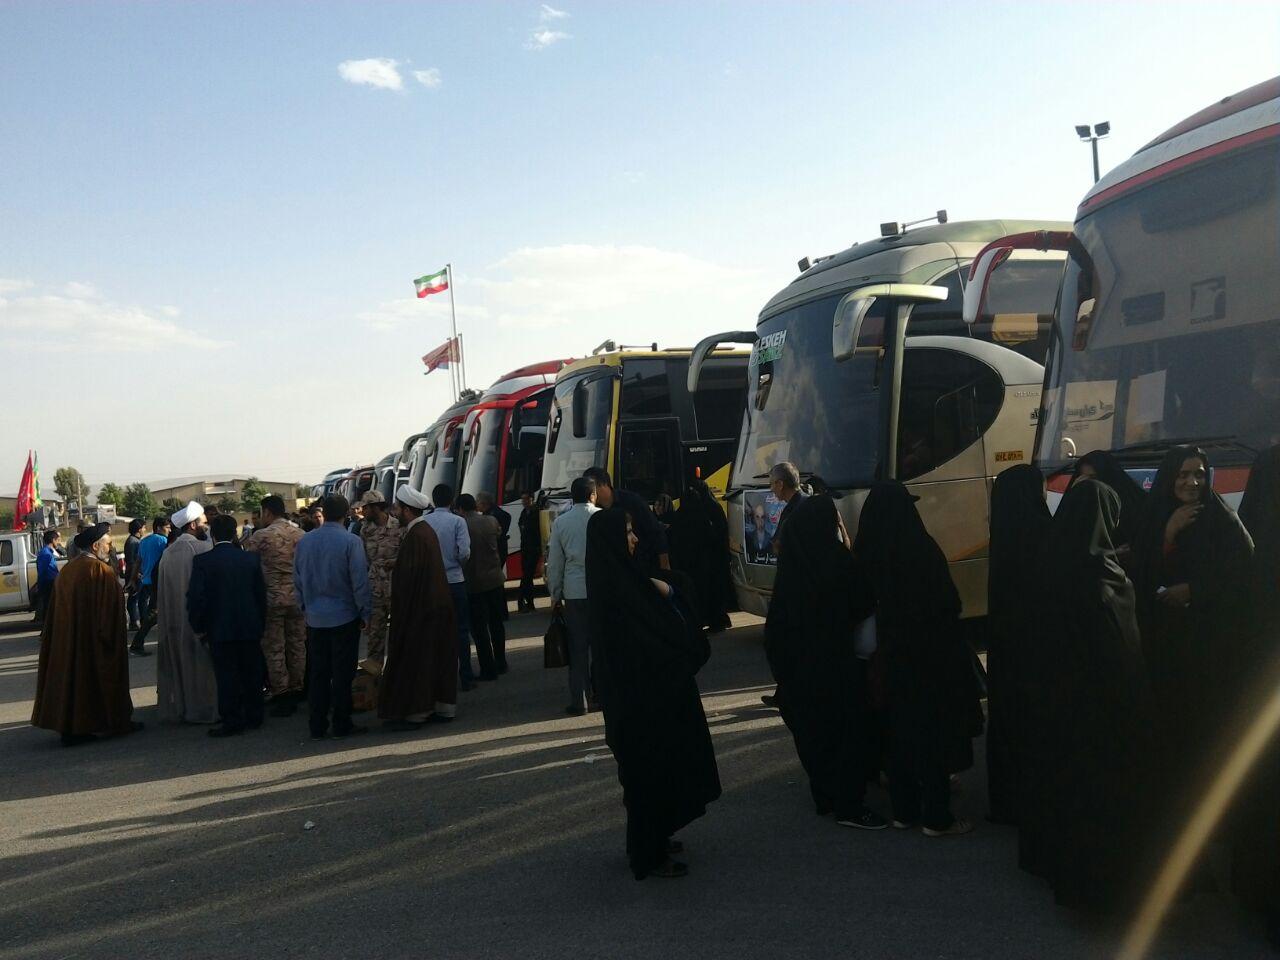 گزارش تصویری از اعزام 620 نفر از از مردم کوهدشت به مرقد مطهر امام (ره)